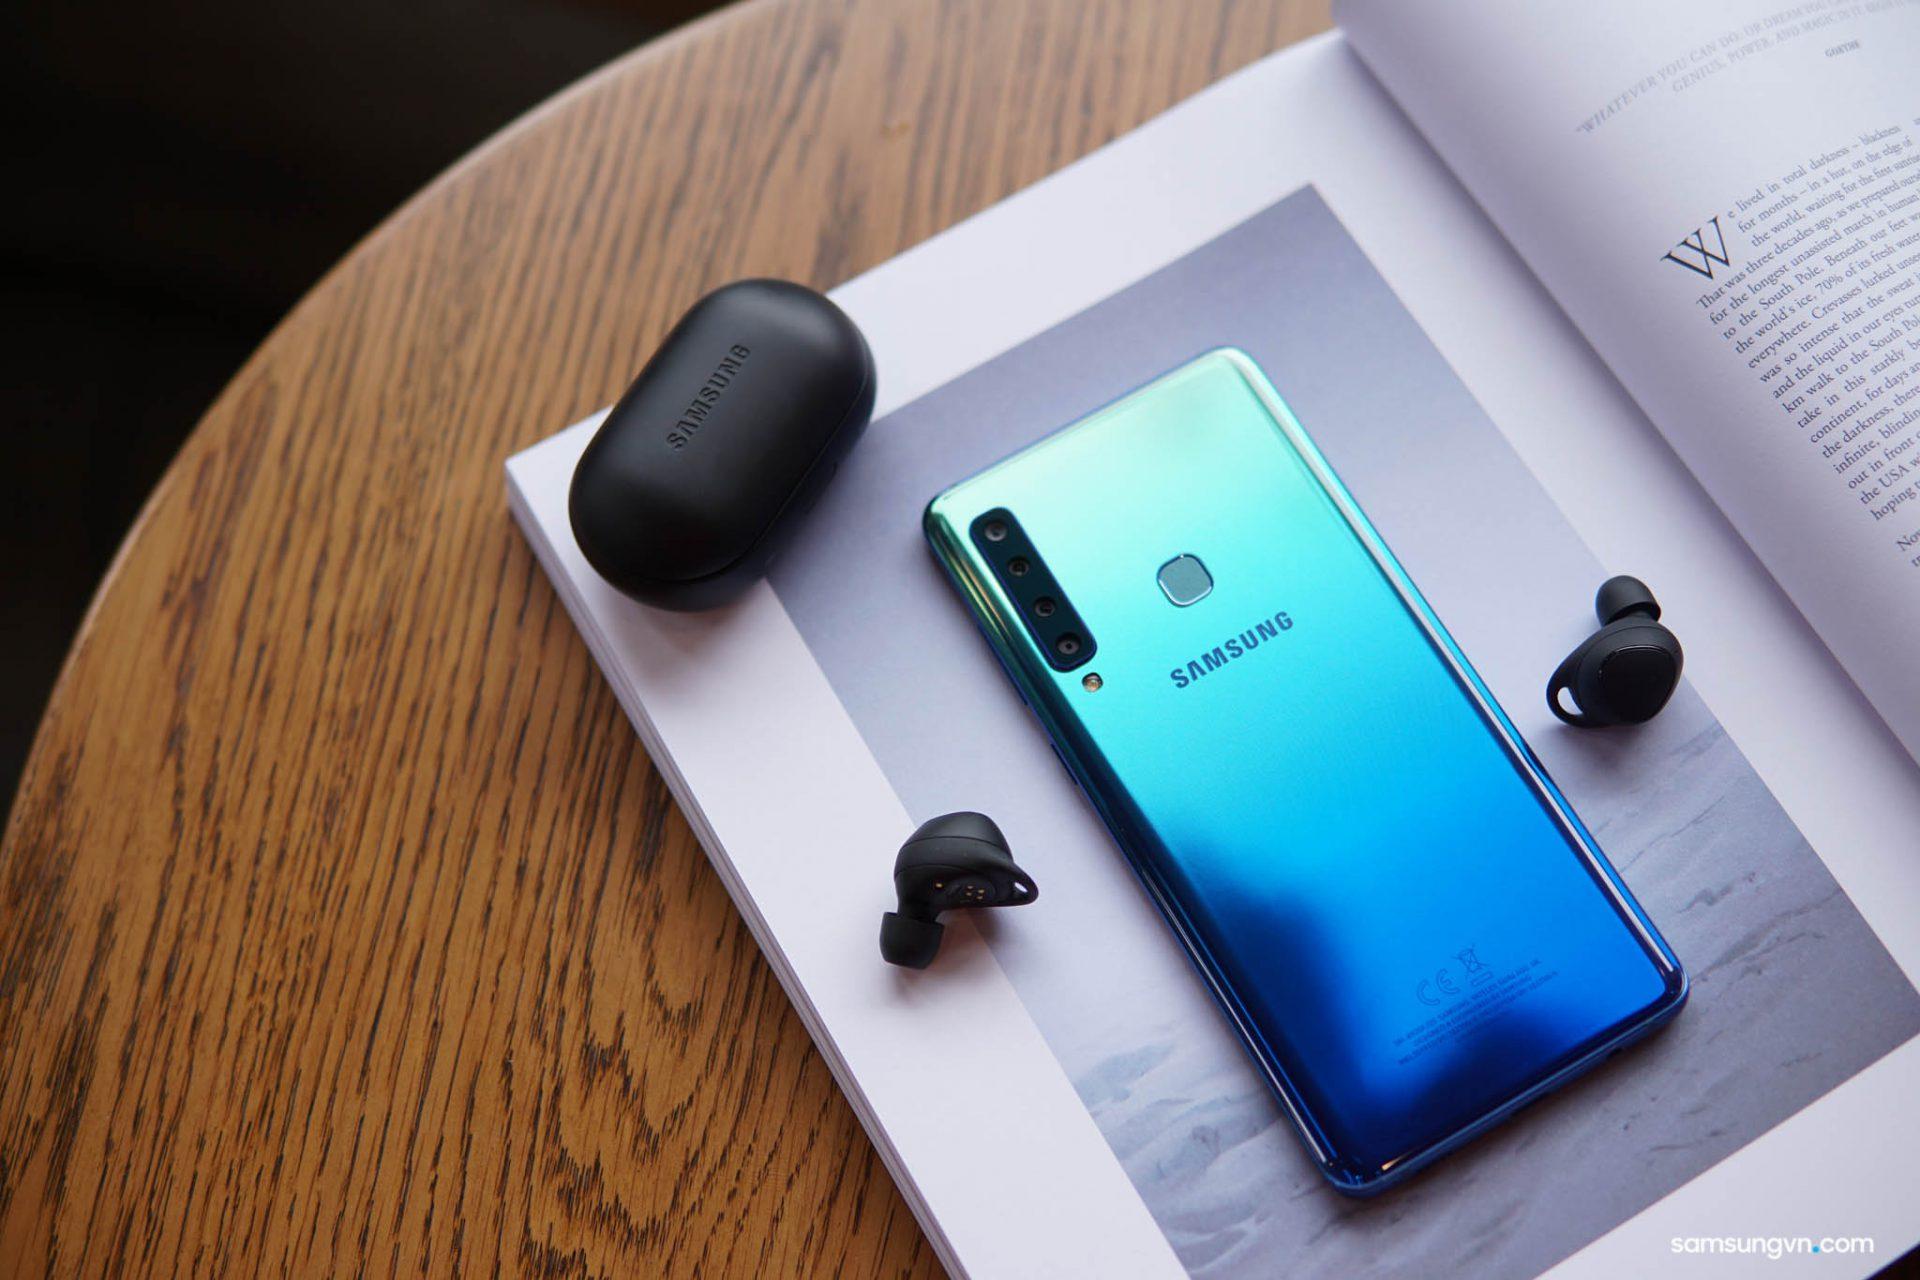 Cập nhật ngay One UI cho Galaxy A9 và Galaxy A8+ thôi nào – Tình hình cập nhật phần mềm Android 9 Pie cho các thiết bị Samsung Galaxy tại Việt Nam